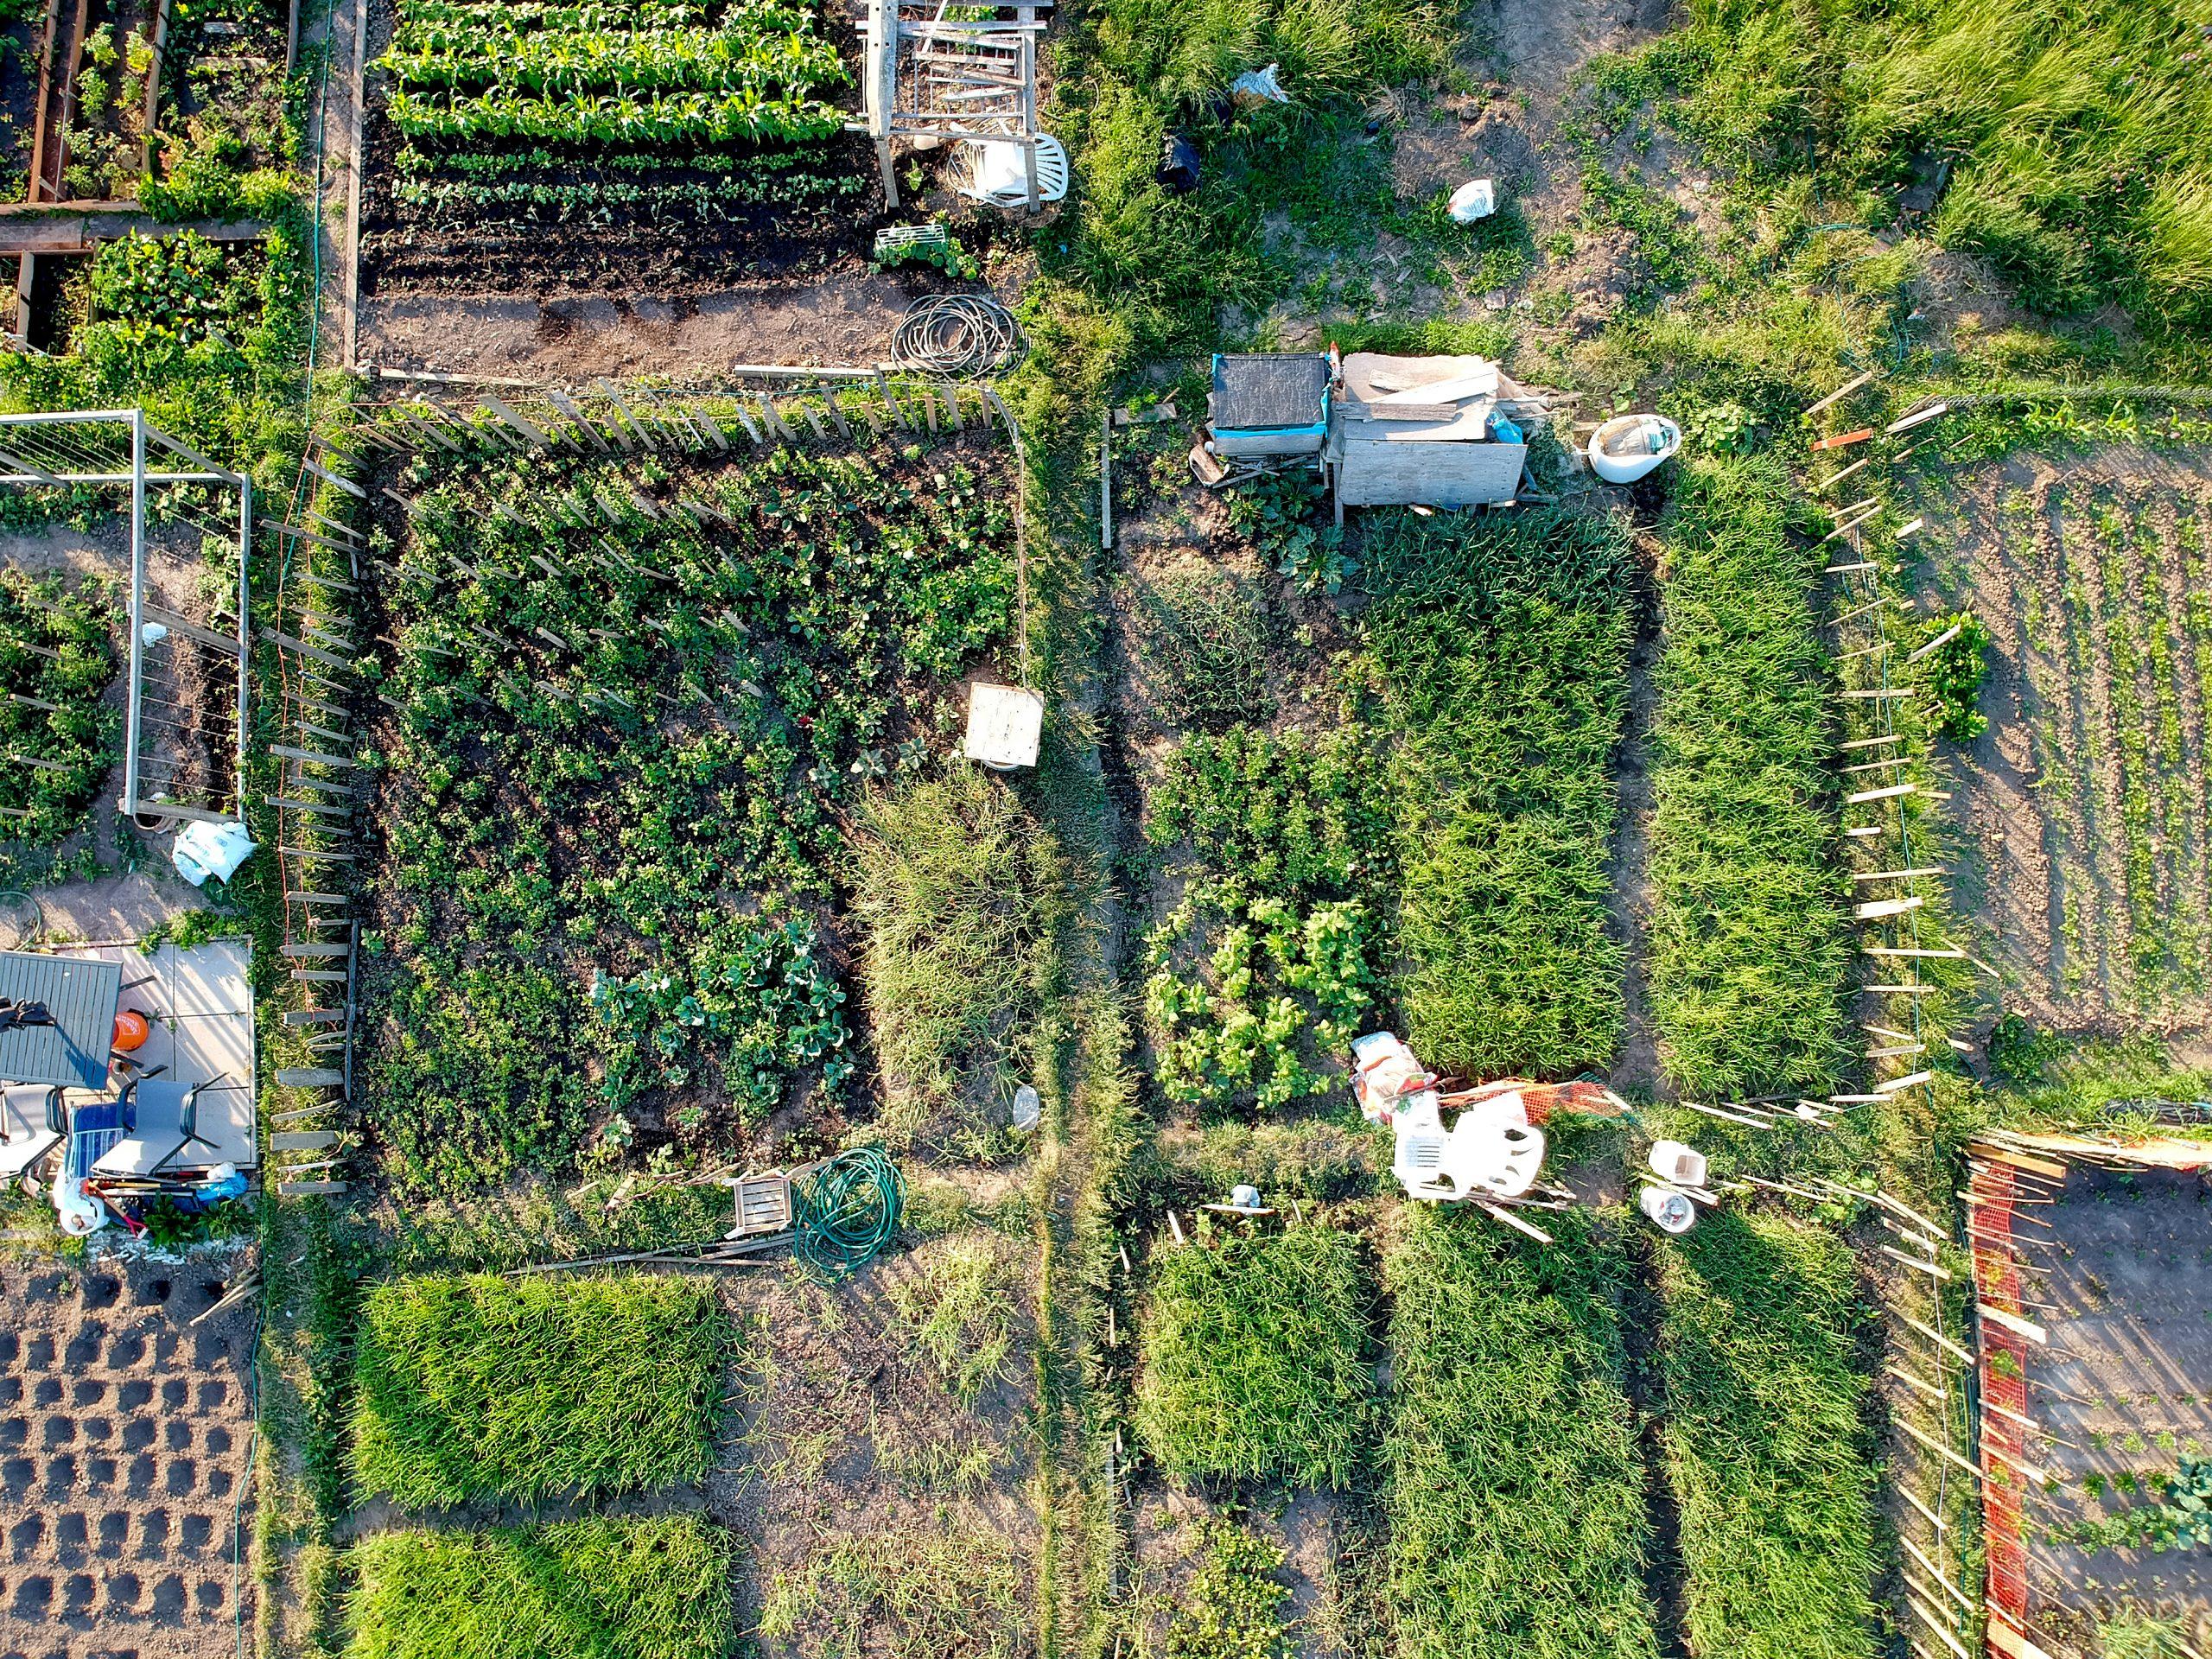 Aerial view of urban garden